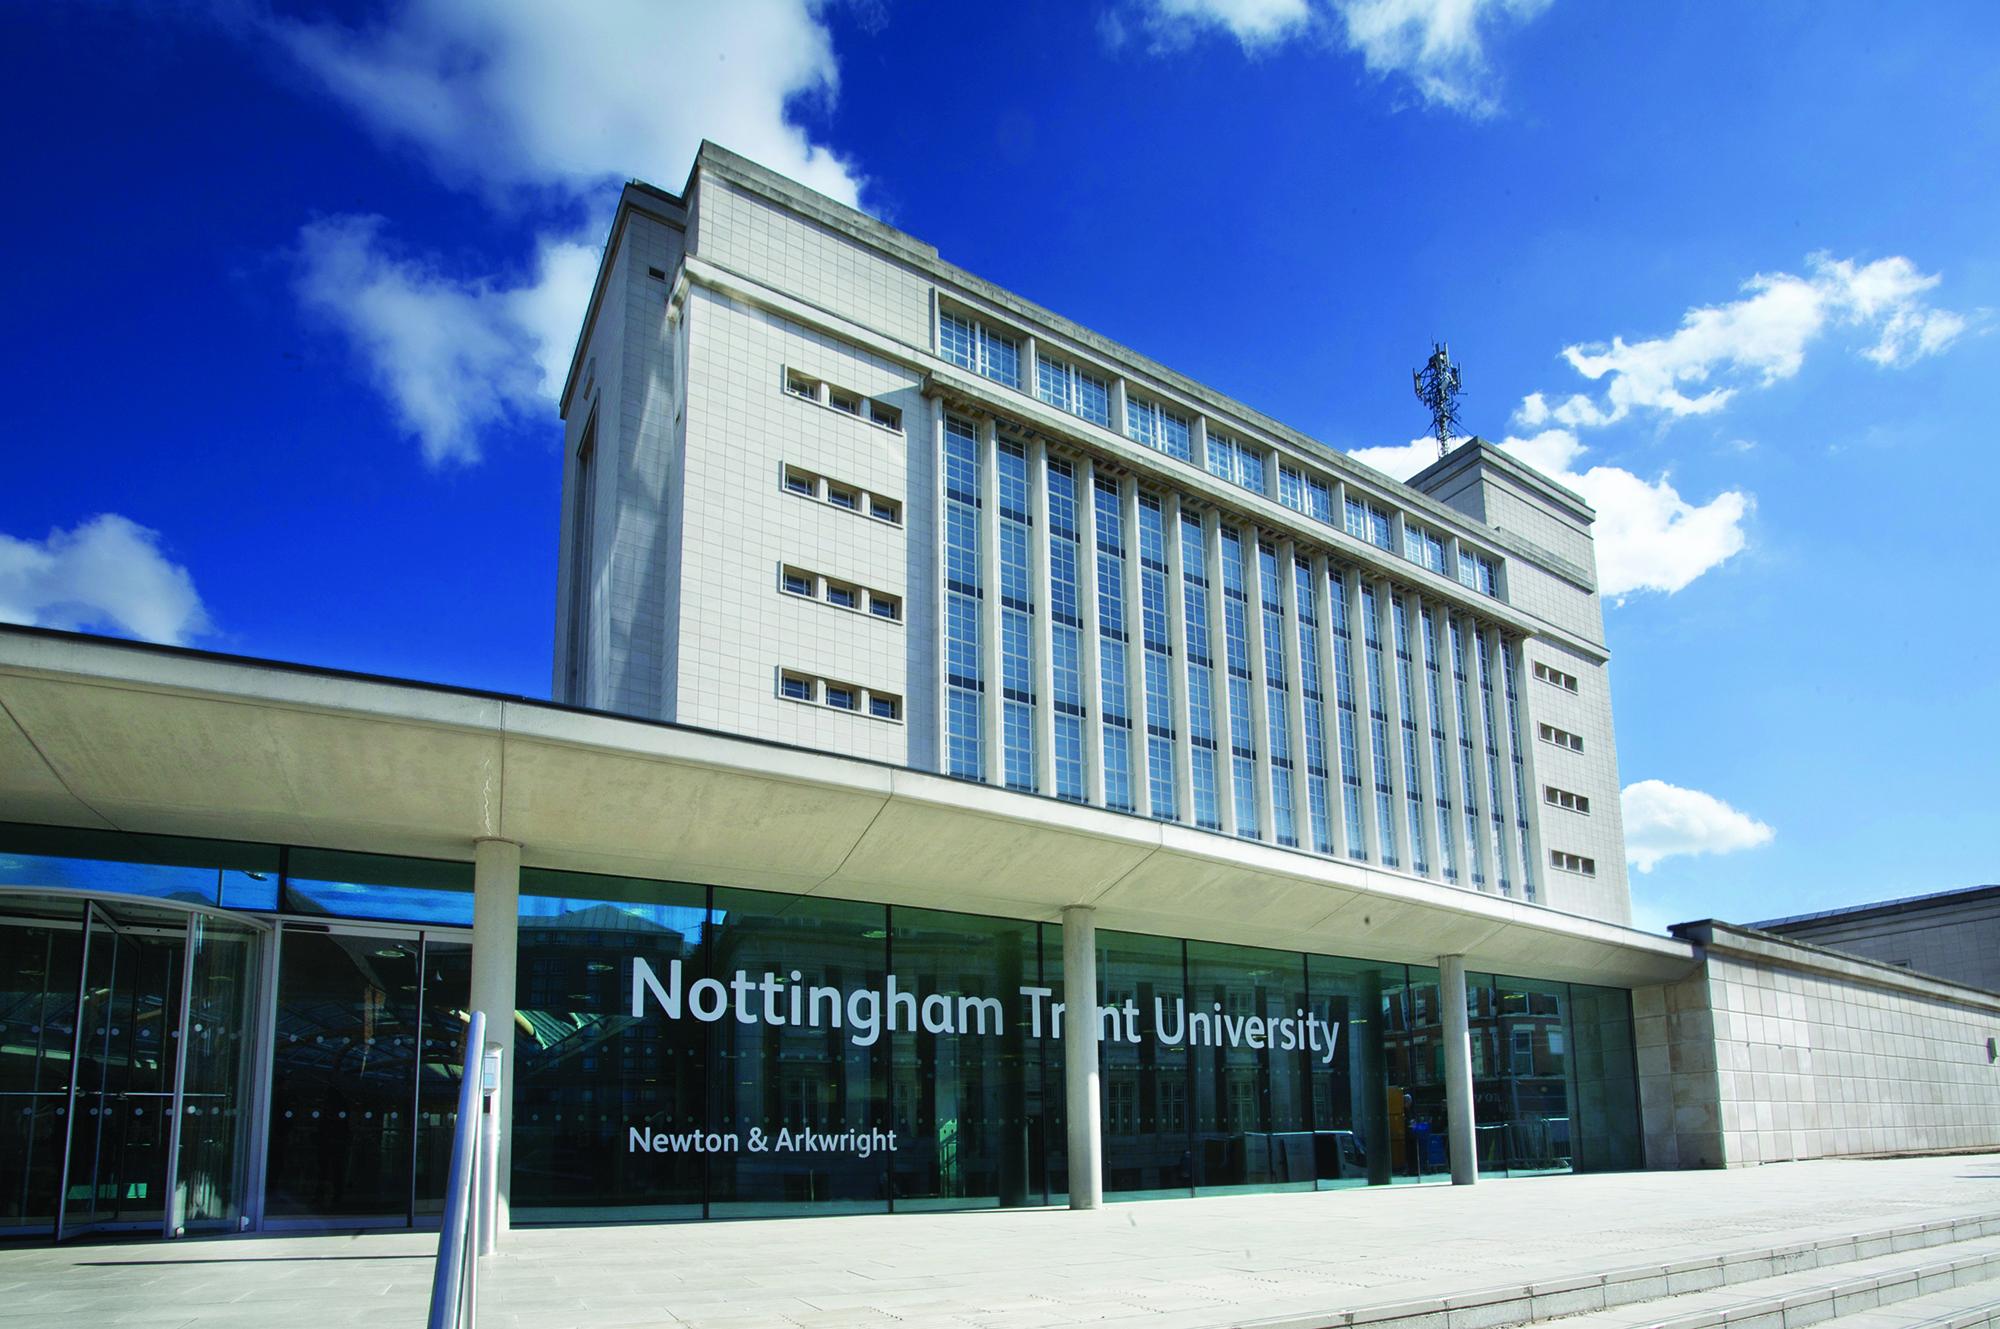 NTU Nottingham Trent